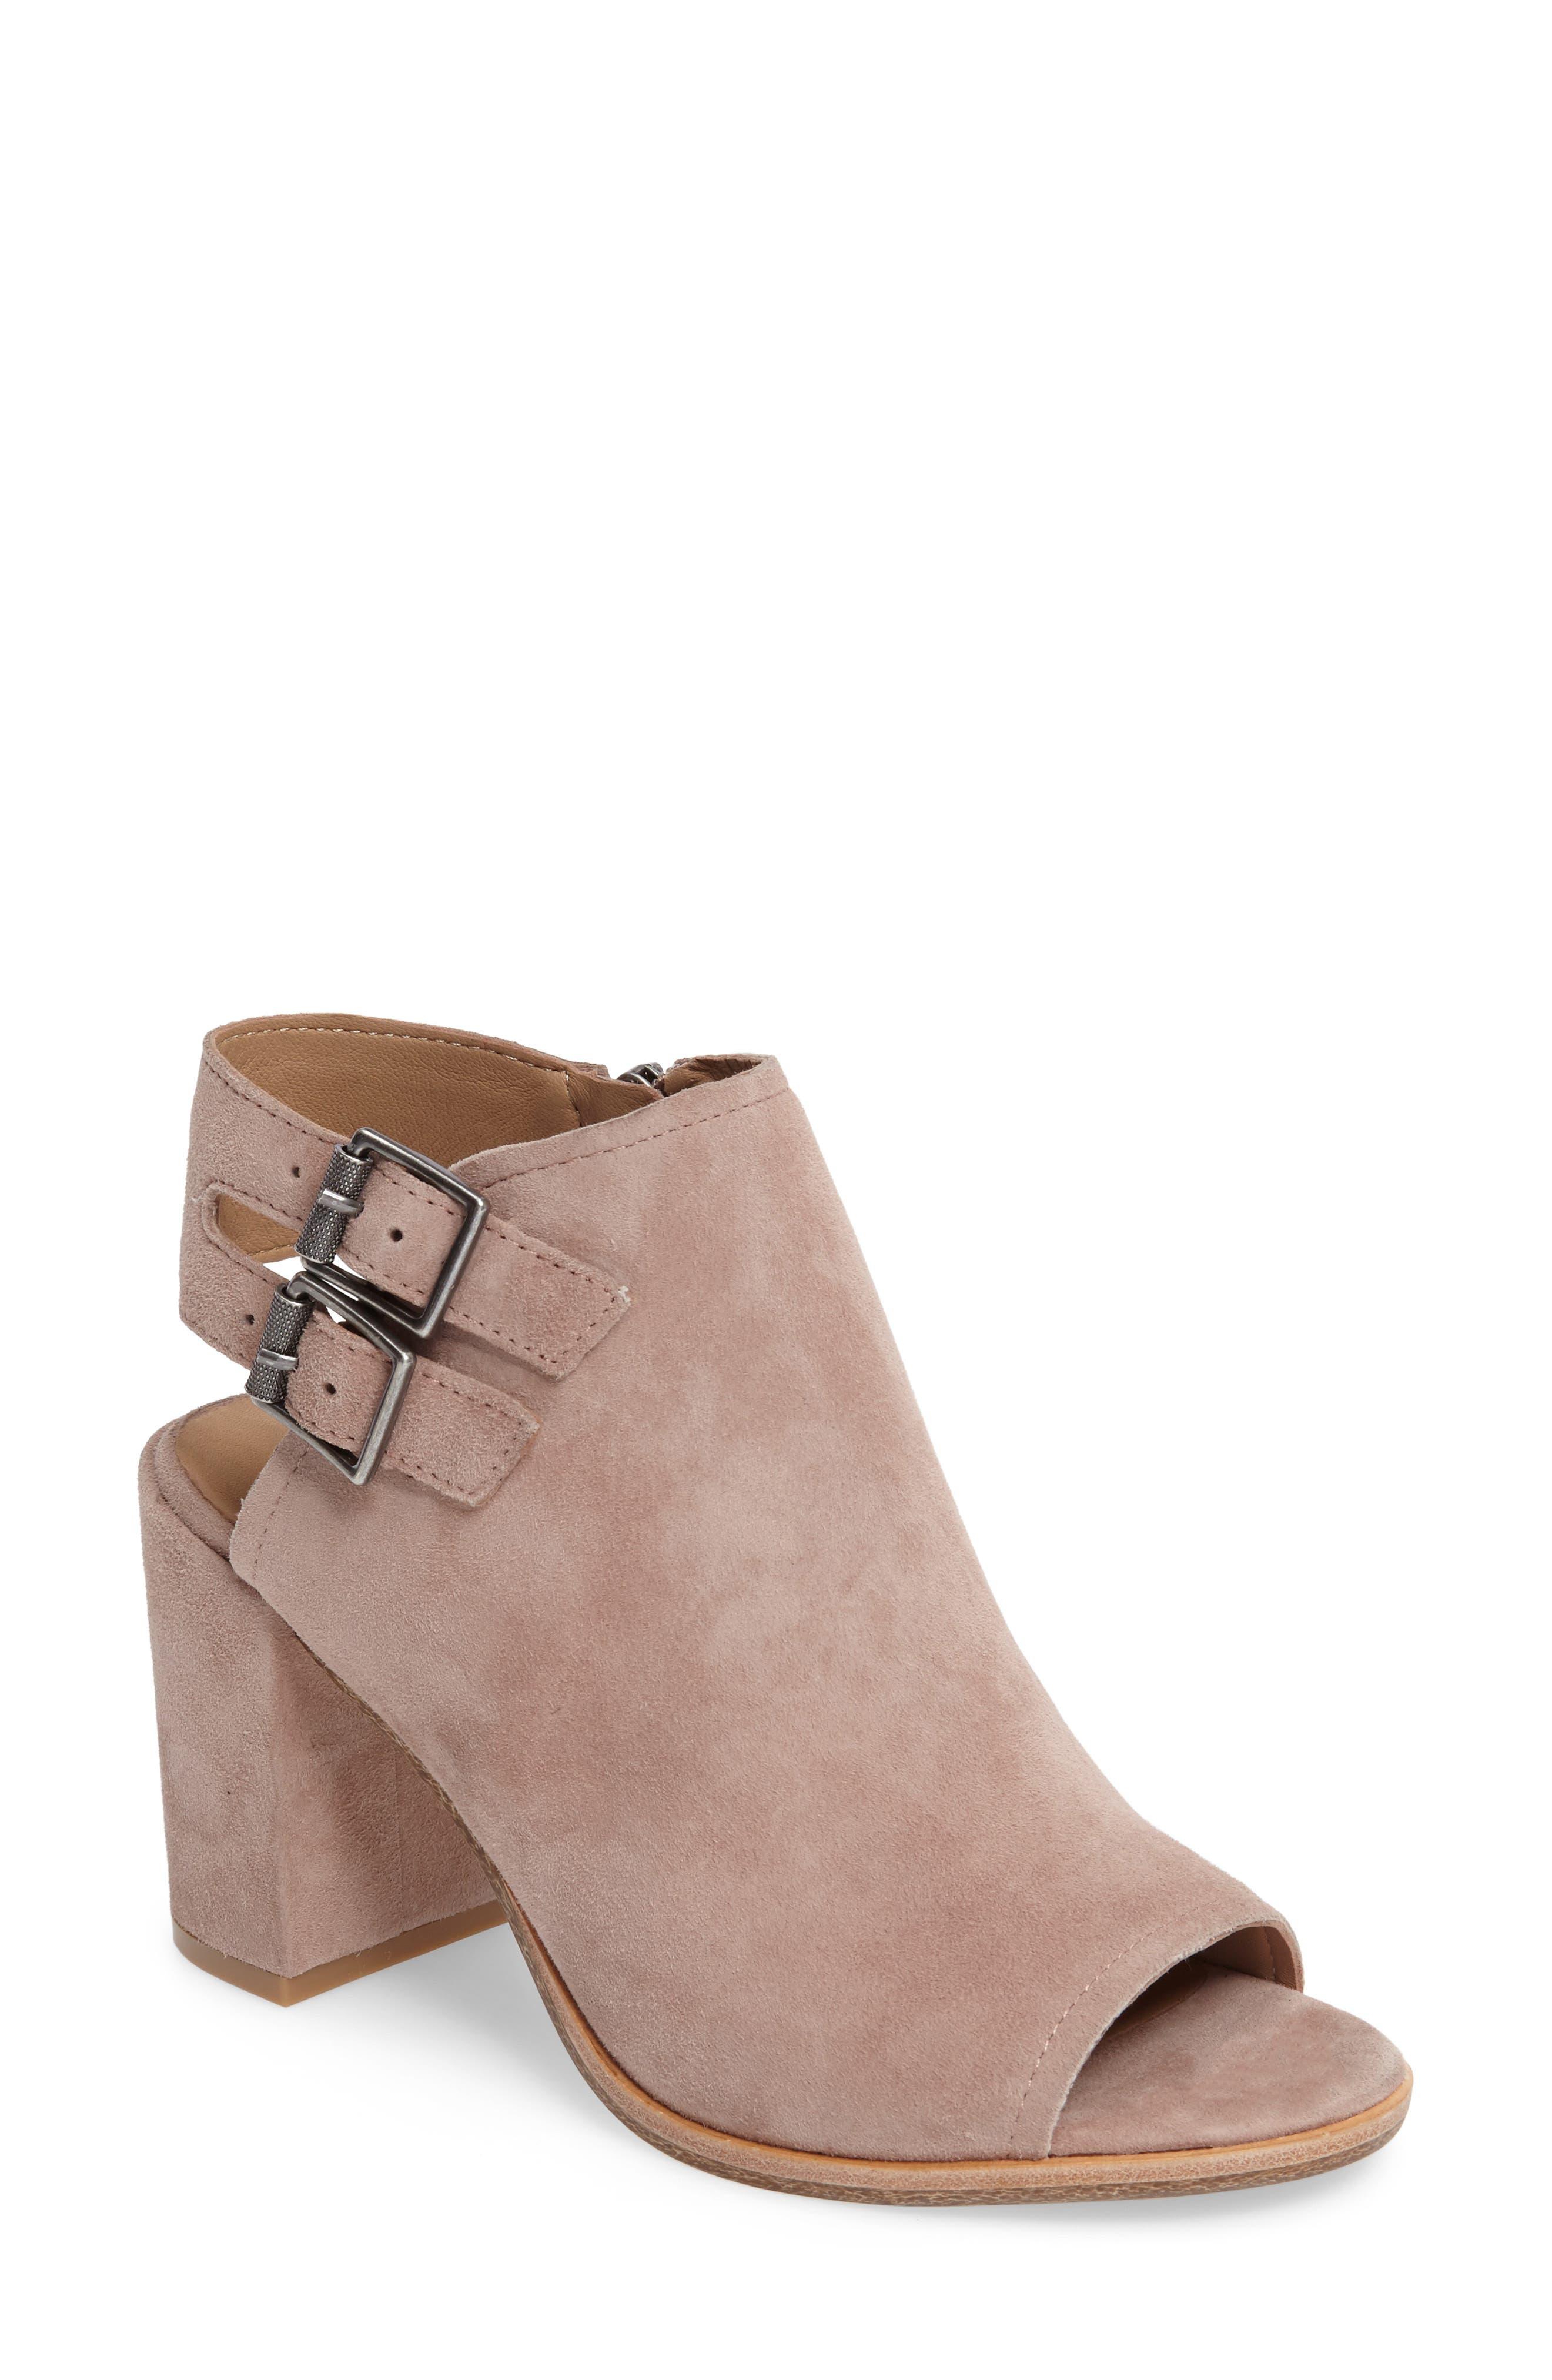 Main Image - Mercer Edit MelittleL8 Block Heel Sandal (Women)